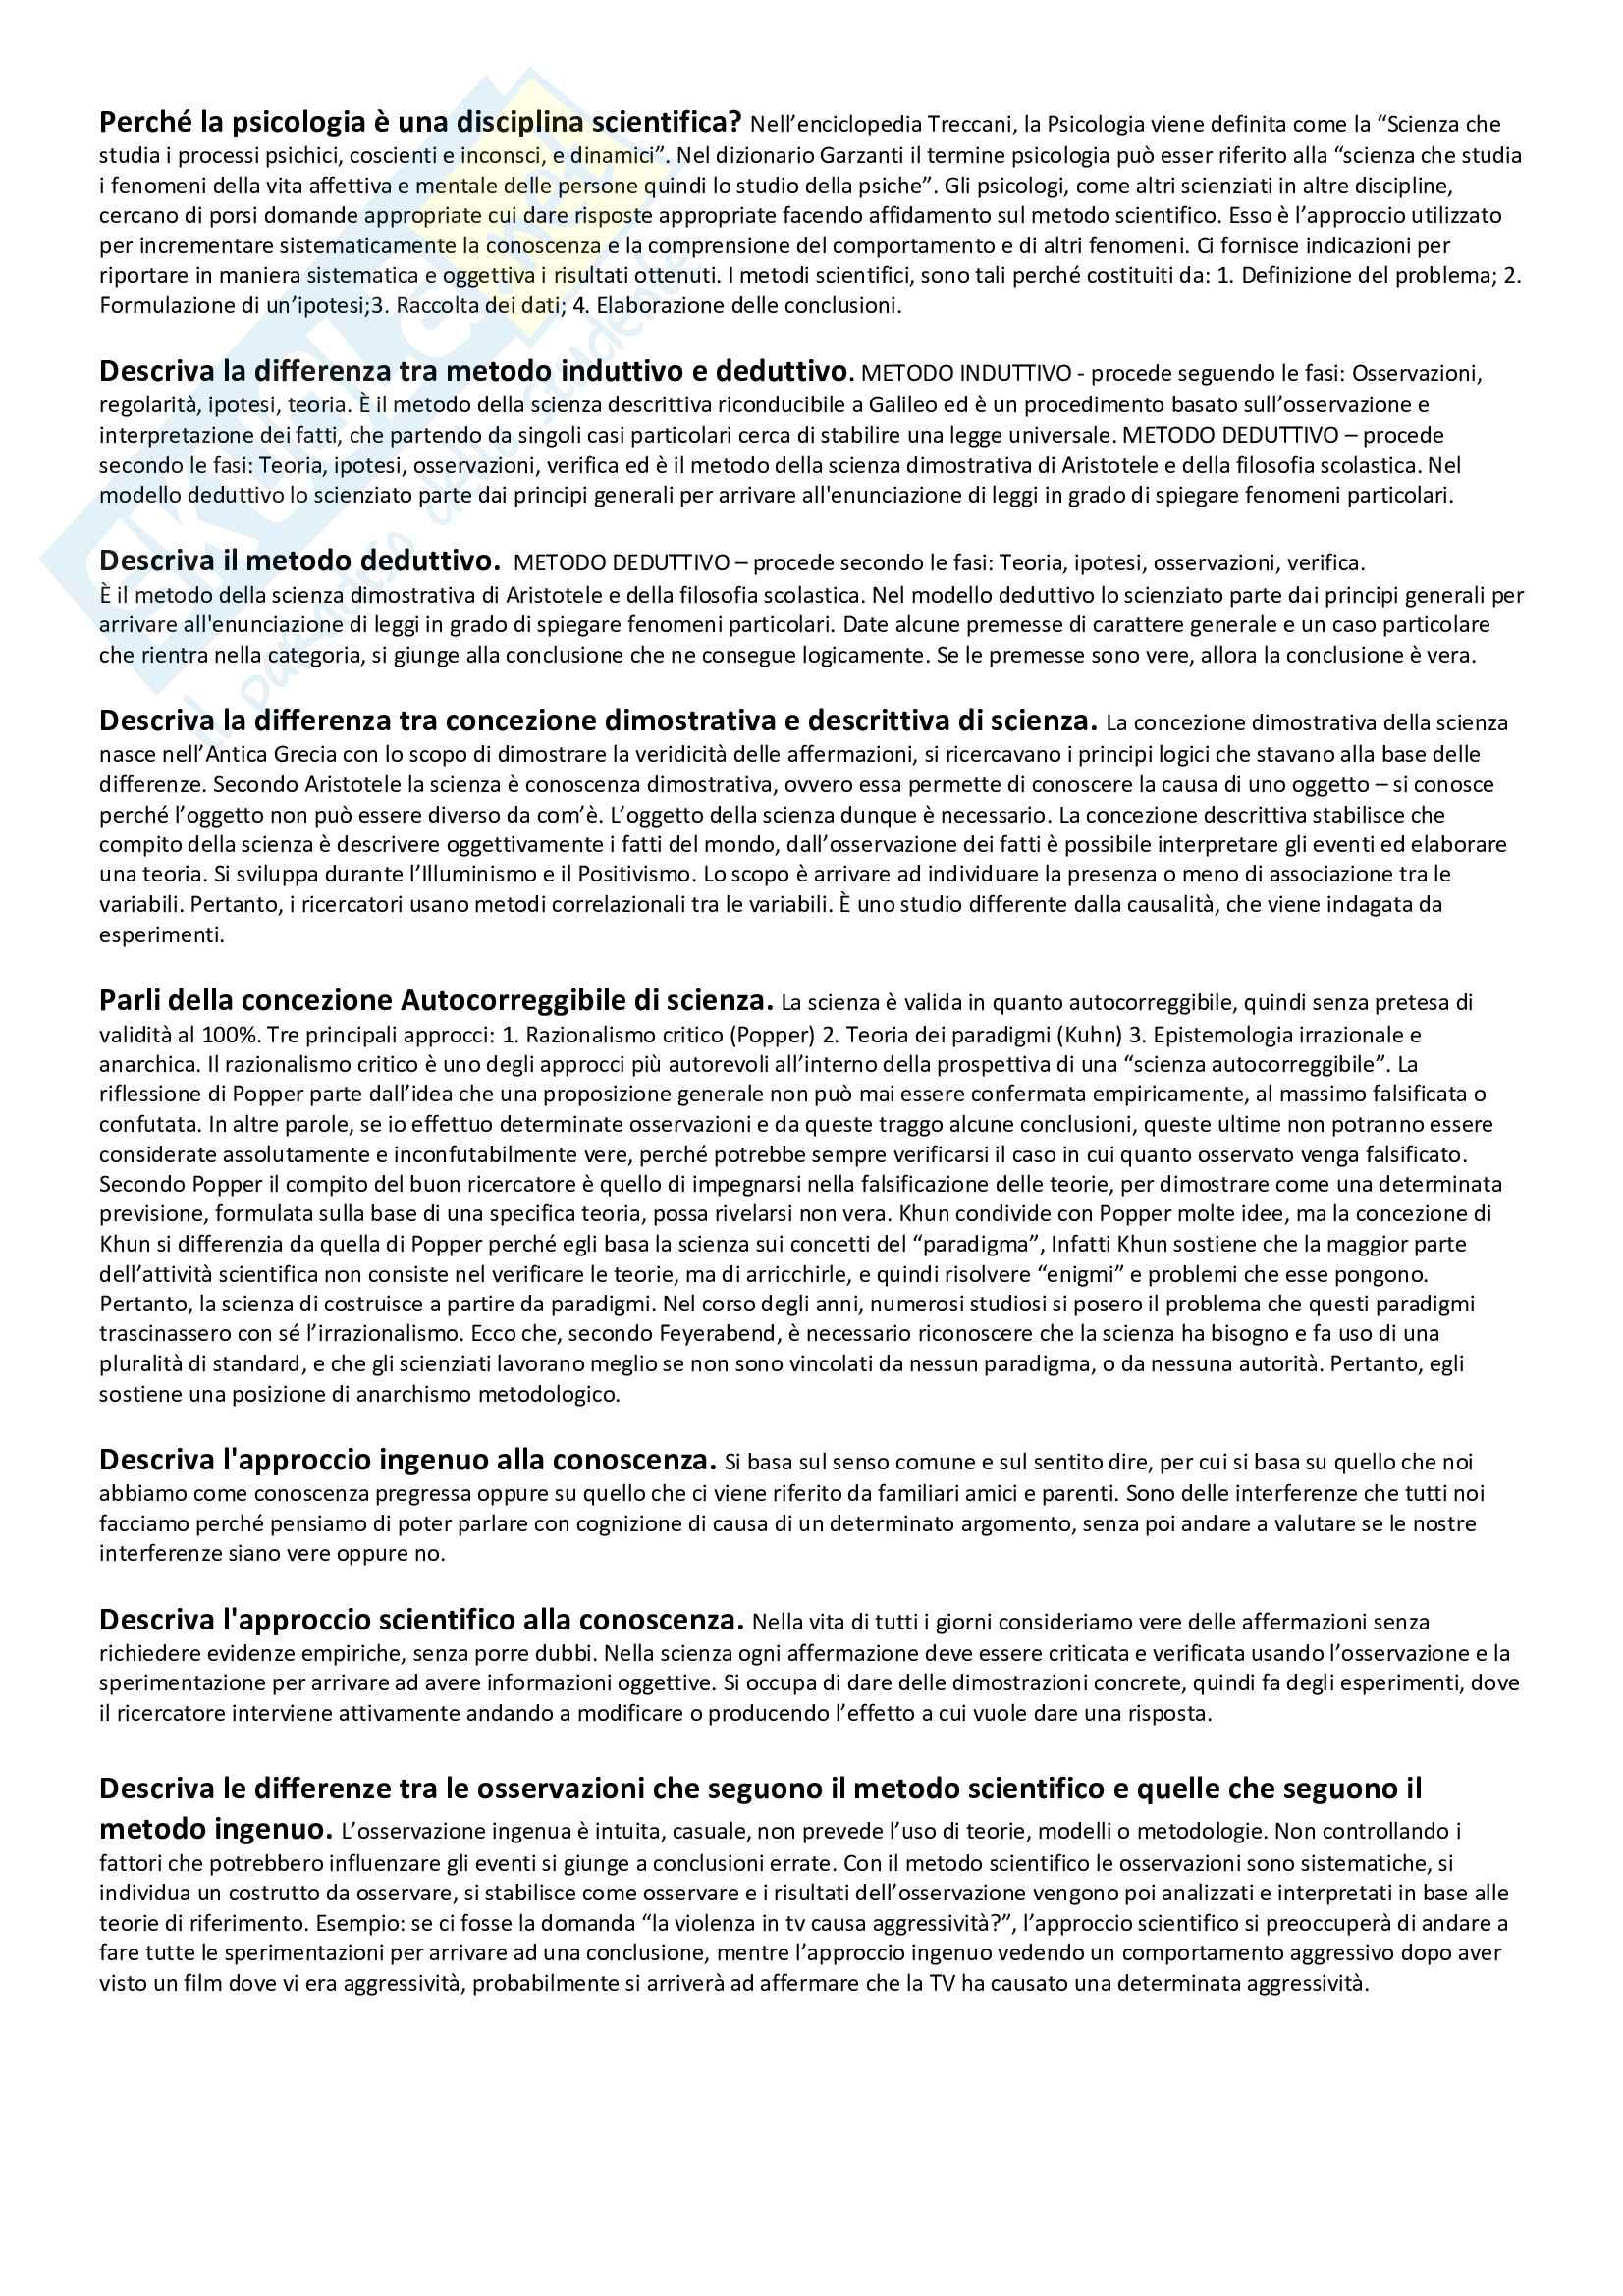 Metodologia della ricerca psicologica - Domande aperte